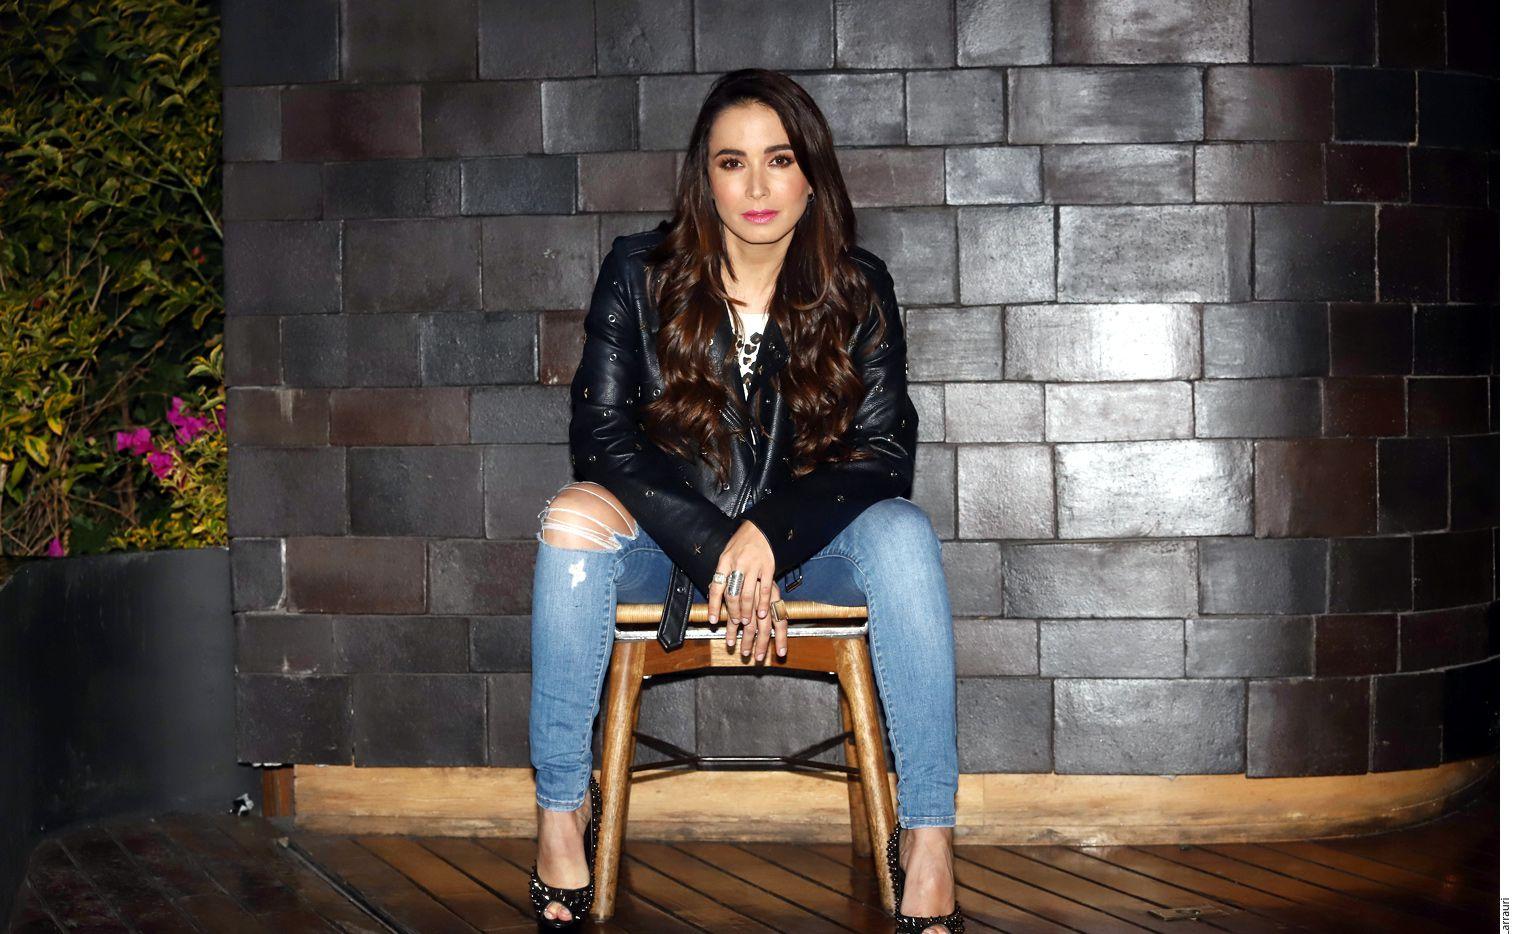 La actriz colombiana Majida Issa analizó documentos, videos y conciertos en vivo para encarnar con credibilidad a Alejandra Guzmán. (AGENCIA REFORMA)